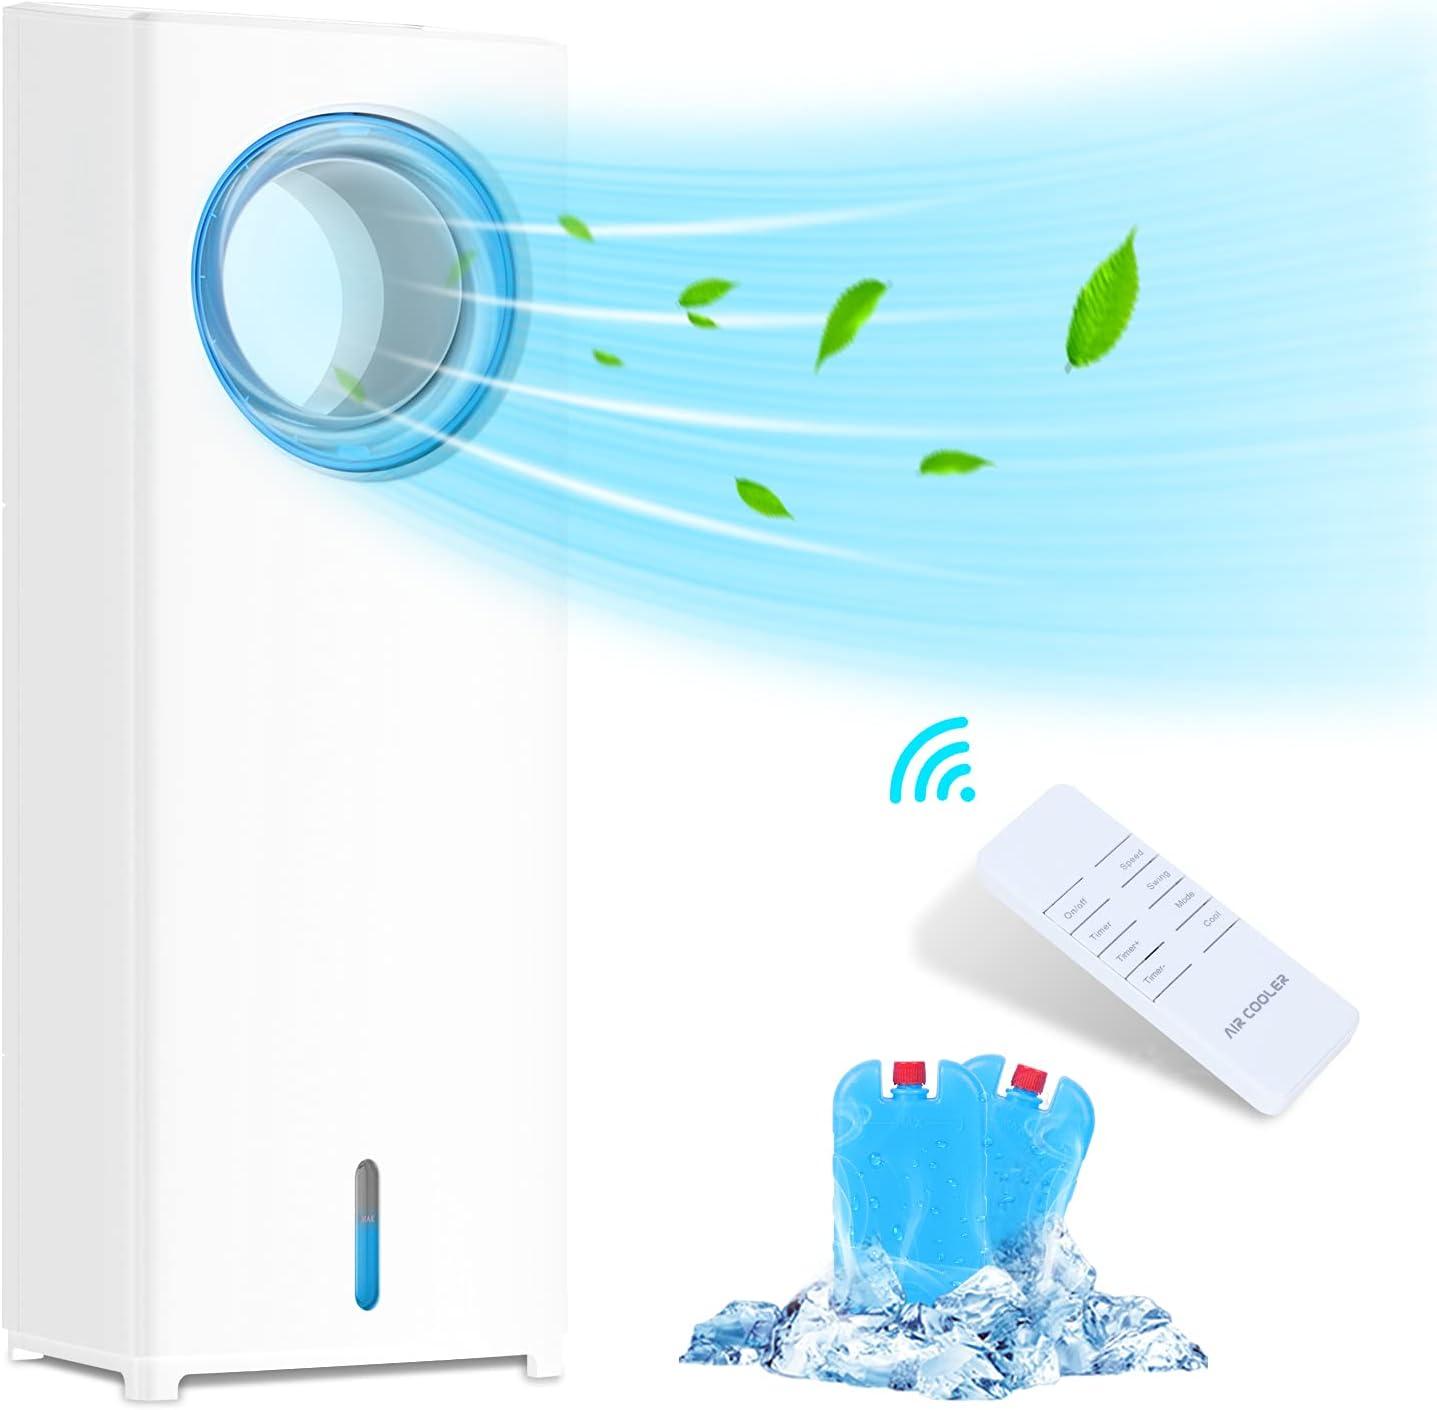 Himylife - Climatizador Evaporativo Portátil, Enfriador de Aire Silencioso, 3 Velocidades, 8H, Control Dual, Ventilador de Torre 3 en 1